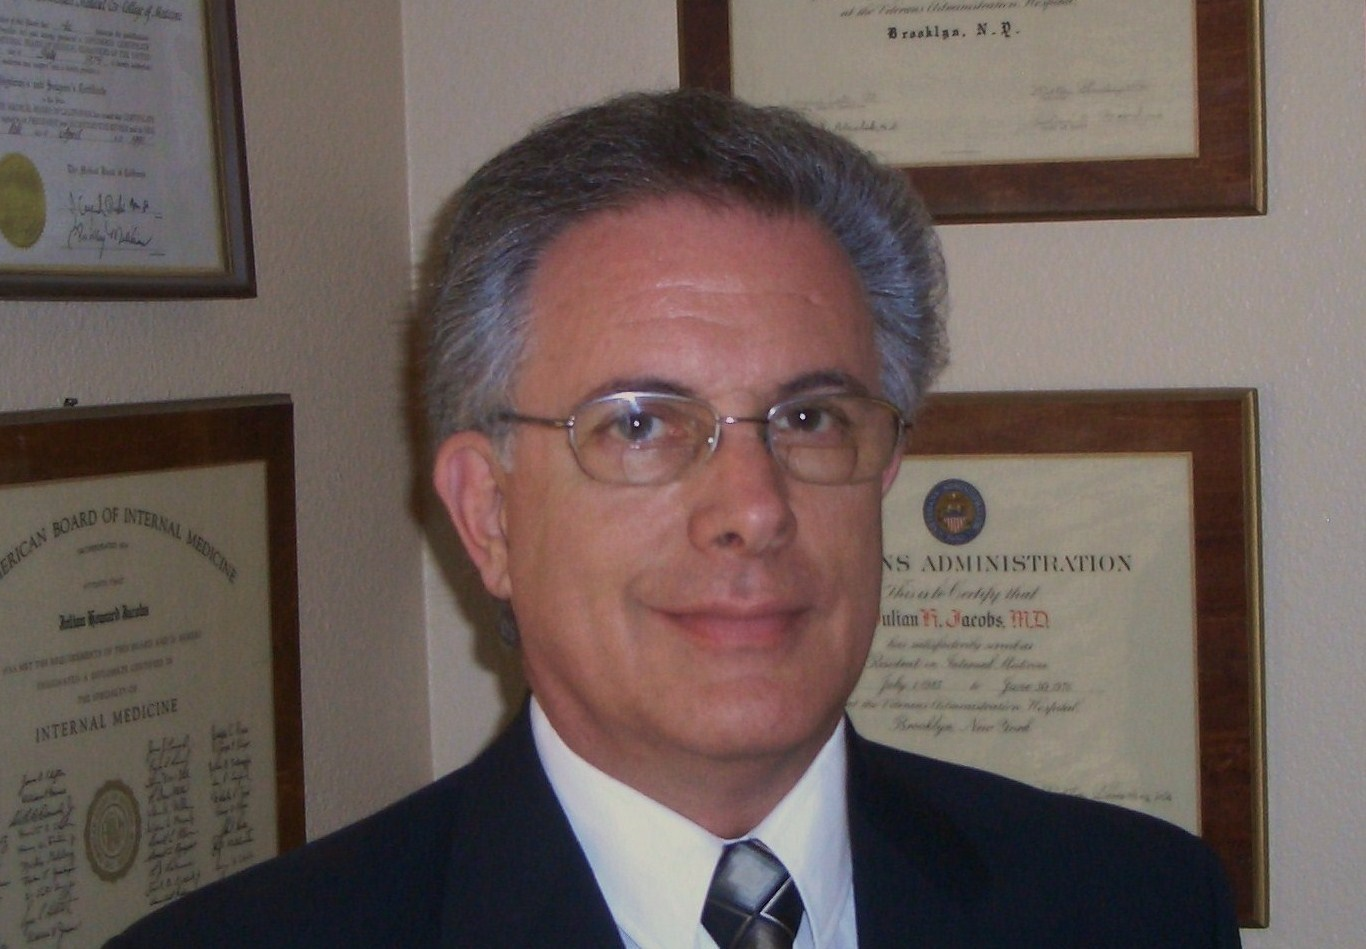 Julian Jacobs, M.D., J.D.